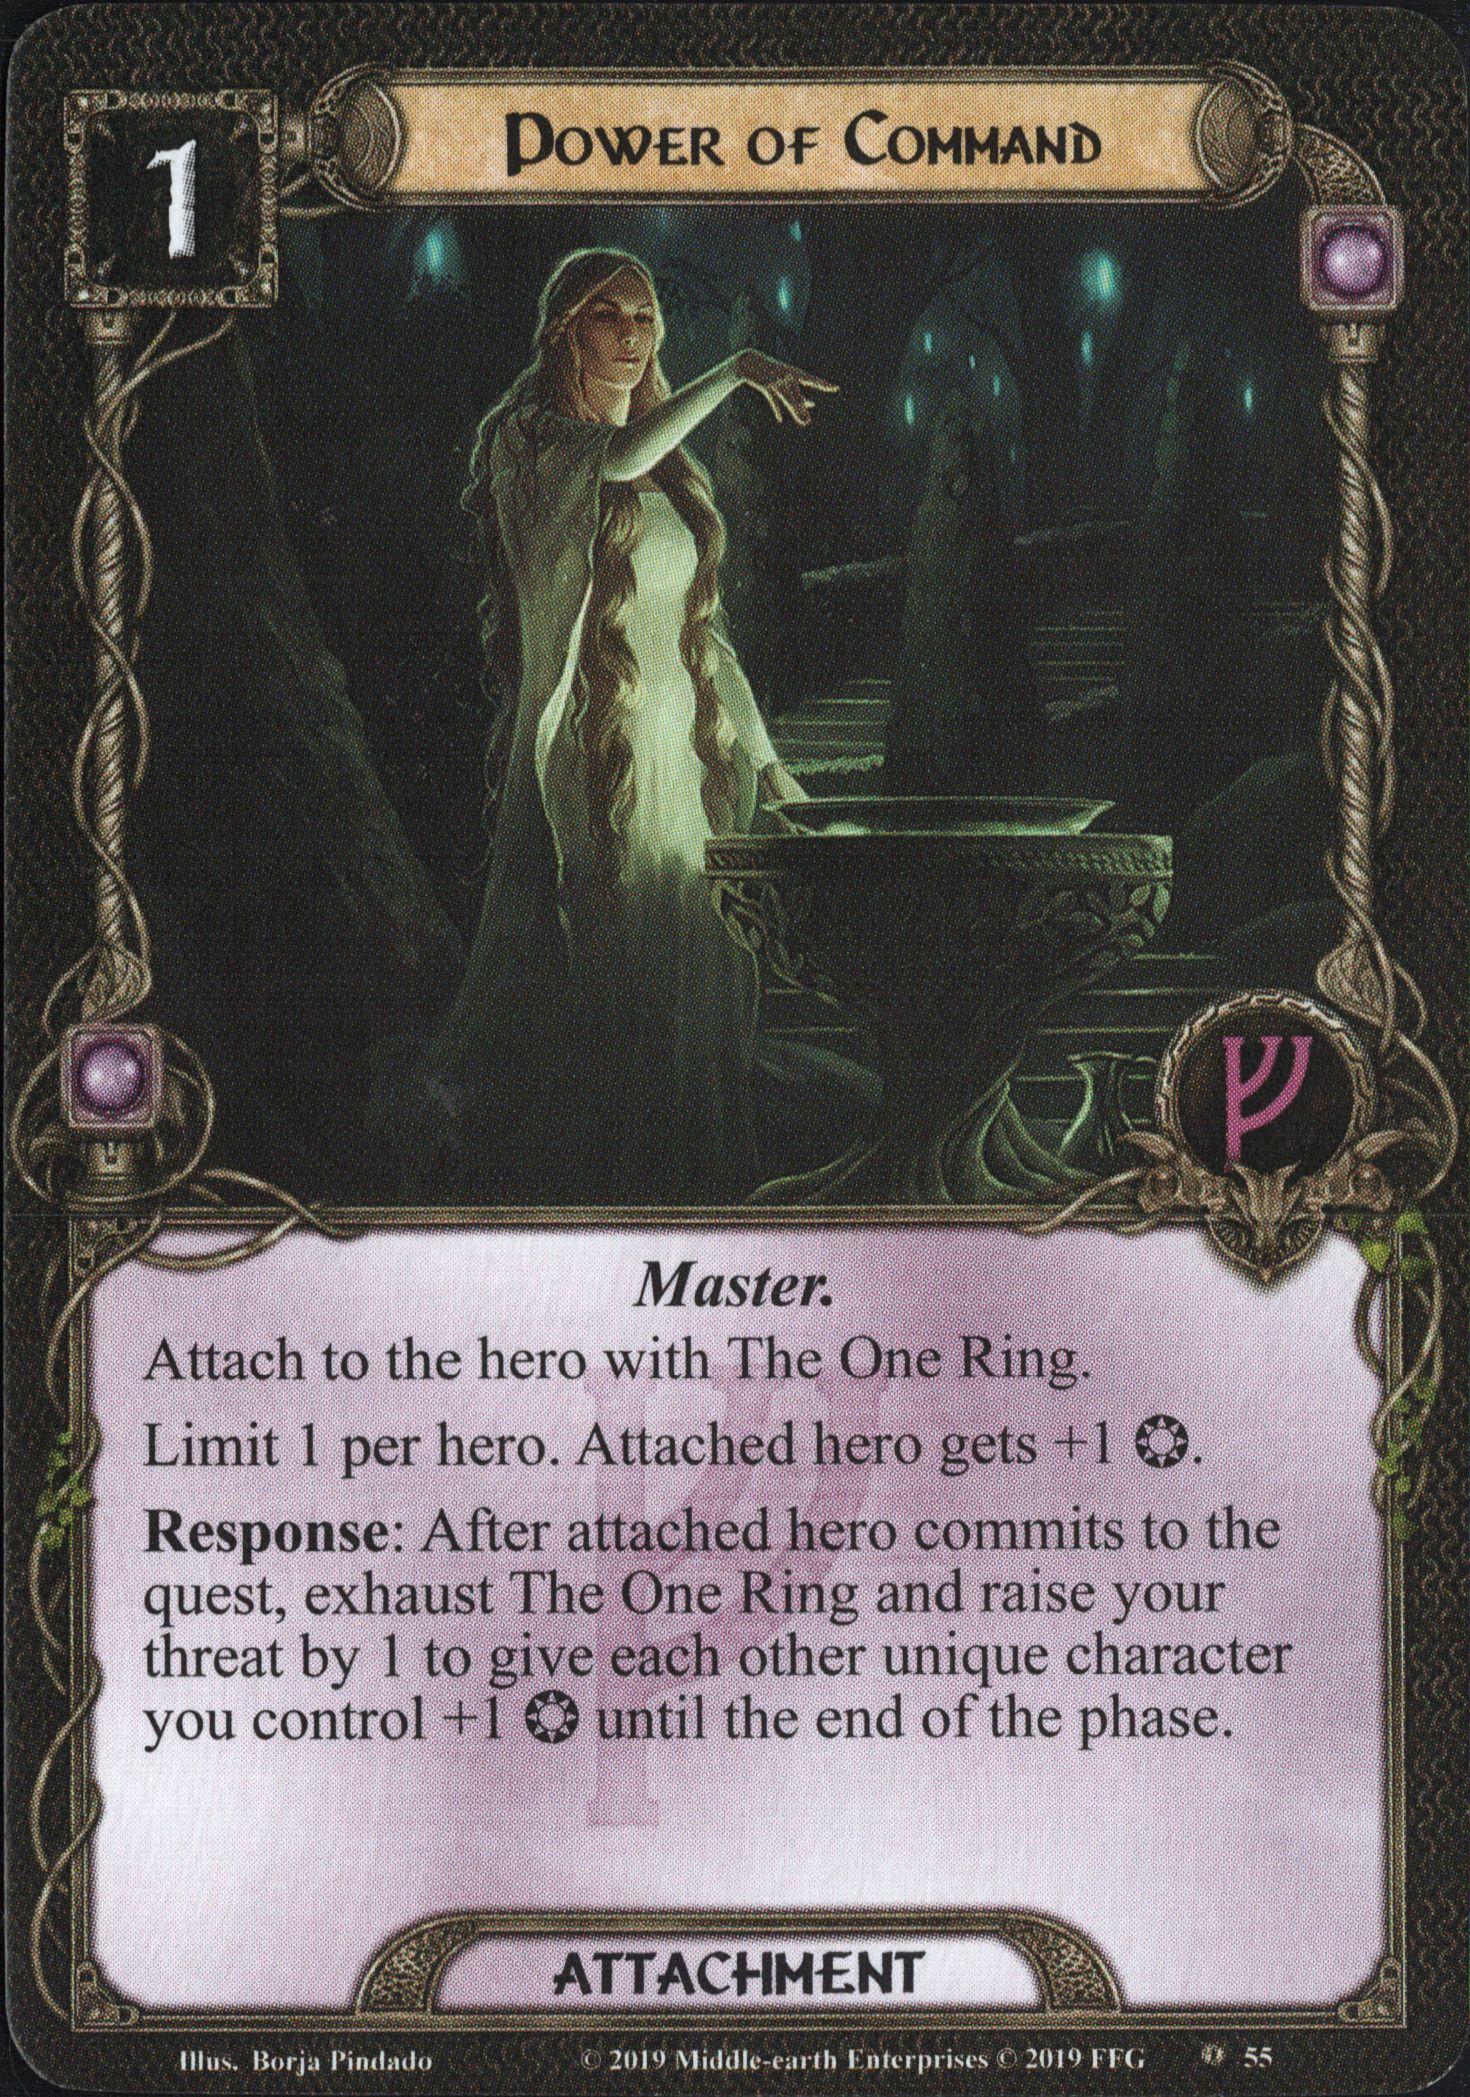 Galerie visuelle des cartes joueurs à venir Power-of-Command